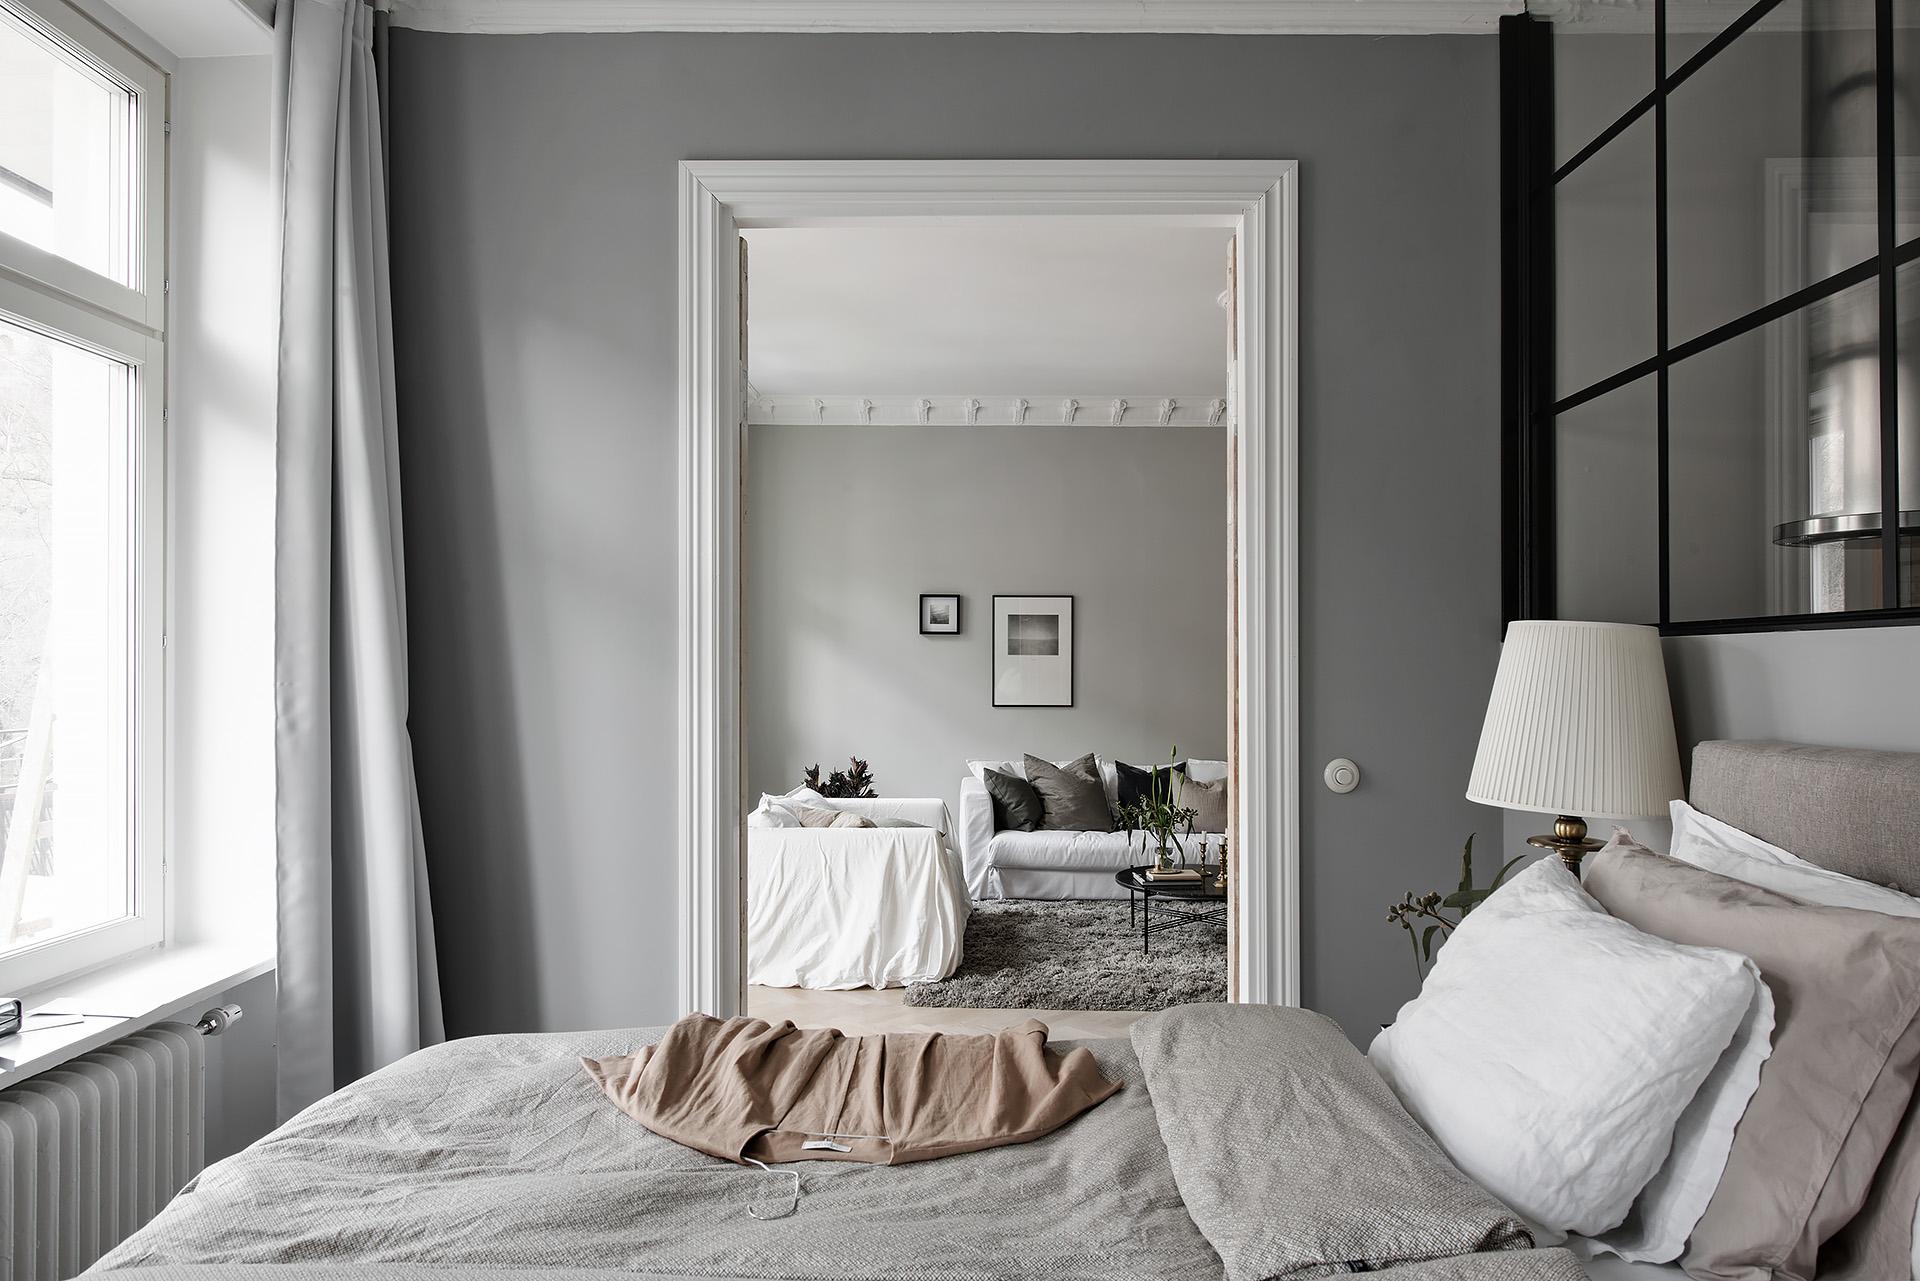 спальня проем наличники серые стены сварная стеклянная перегородка кровать текстиль прикроватные лампы